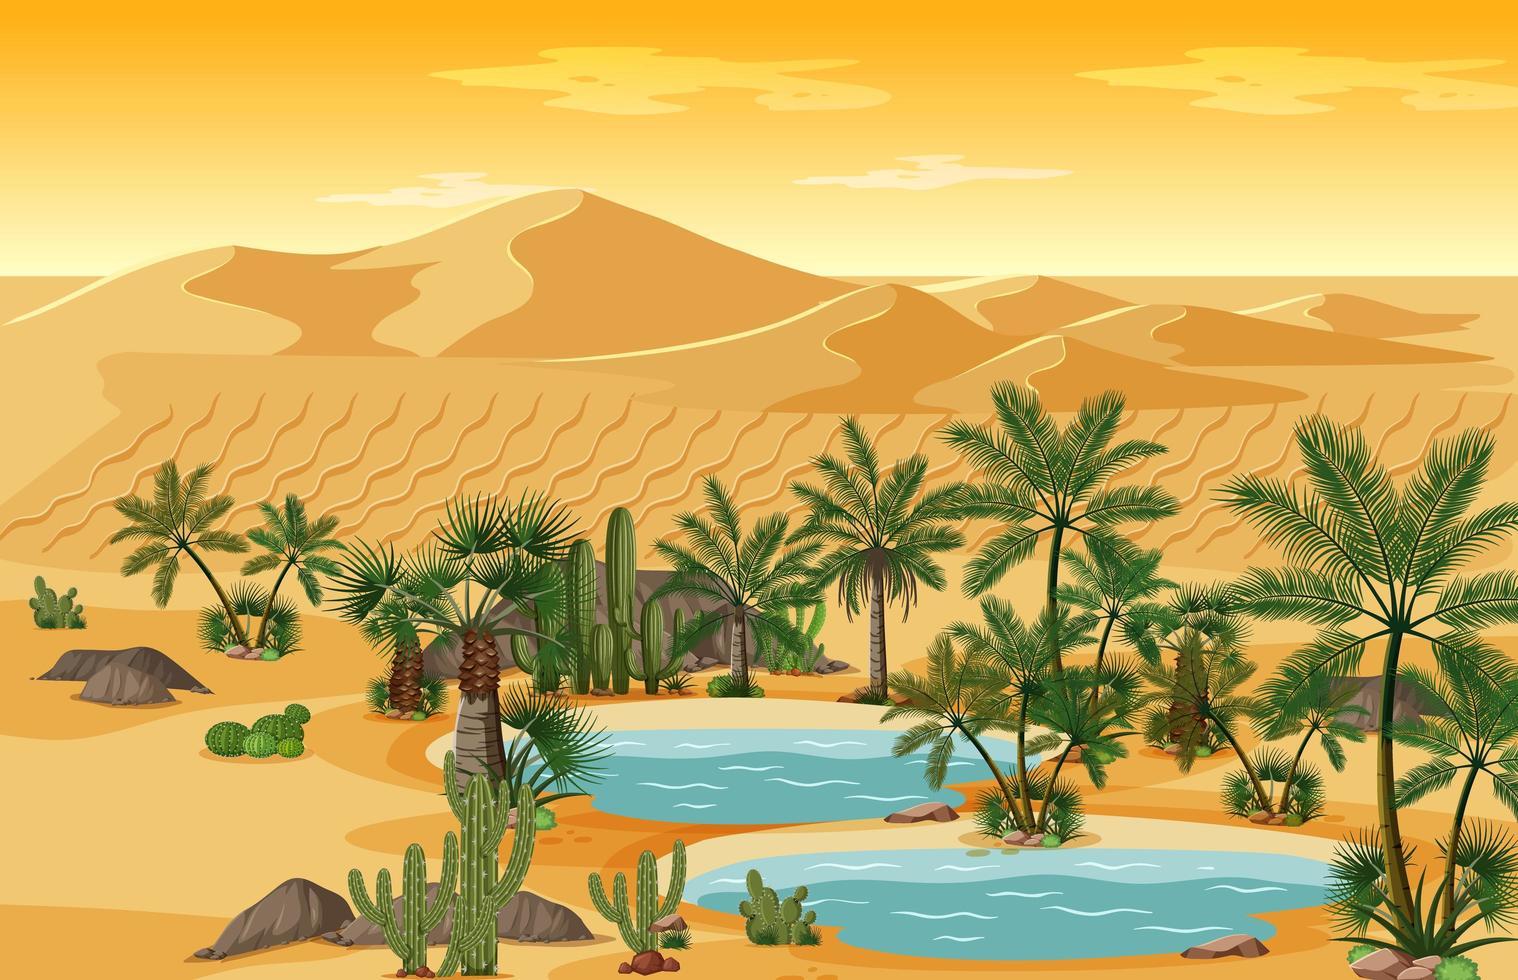 Mellanöstern landskap bakgrund vektor